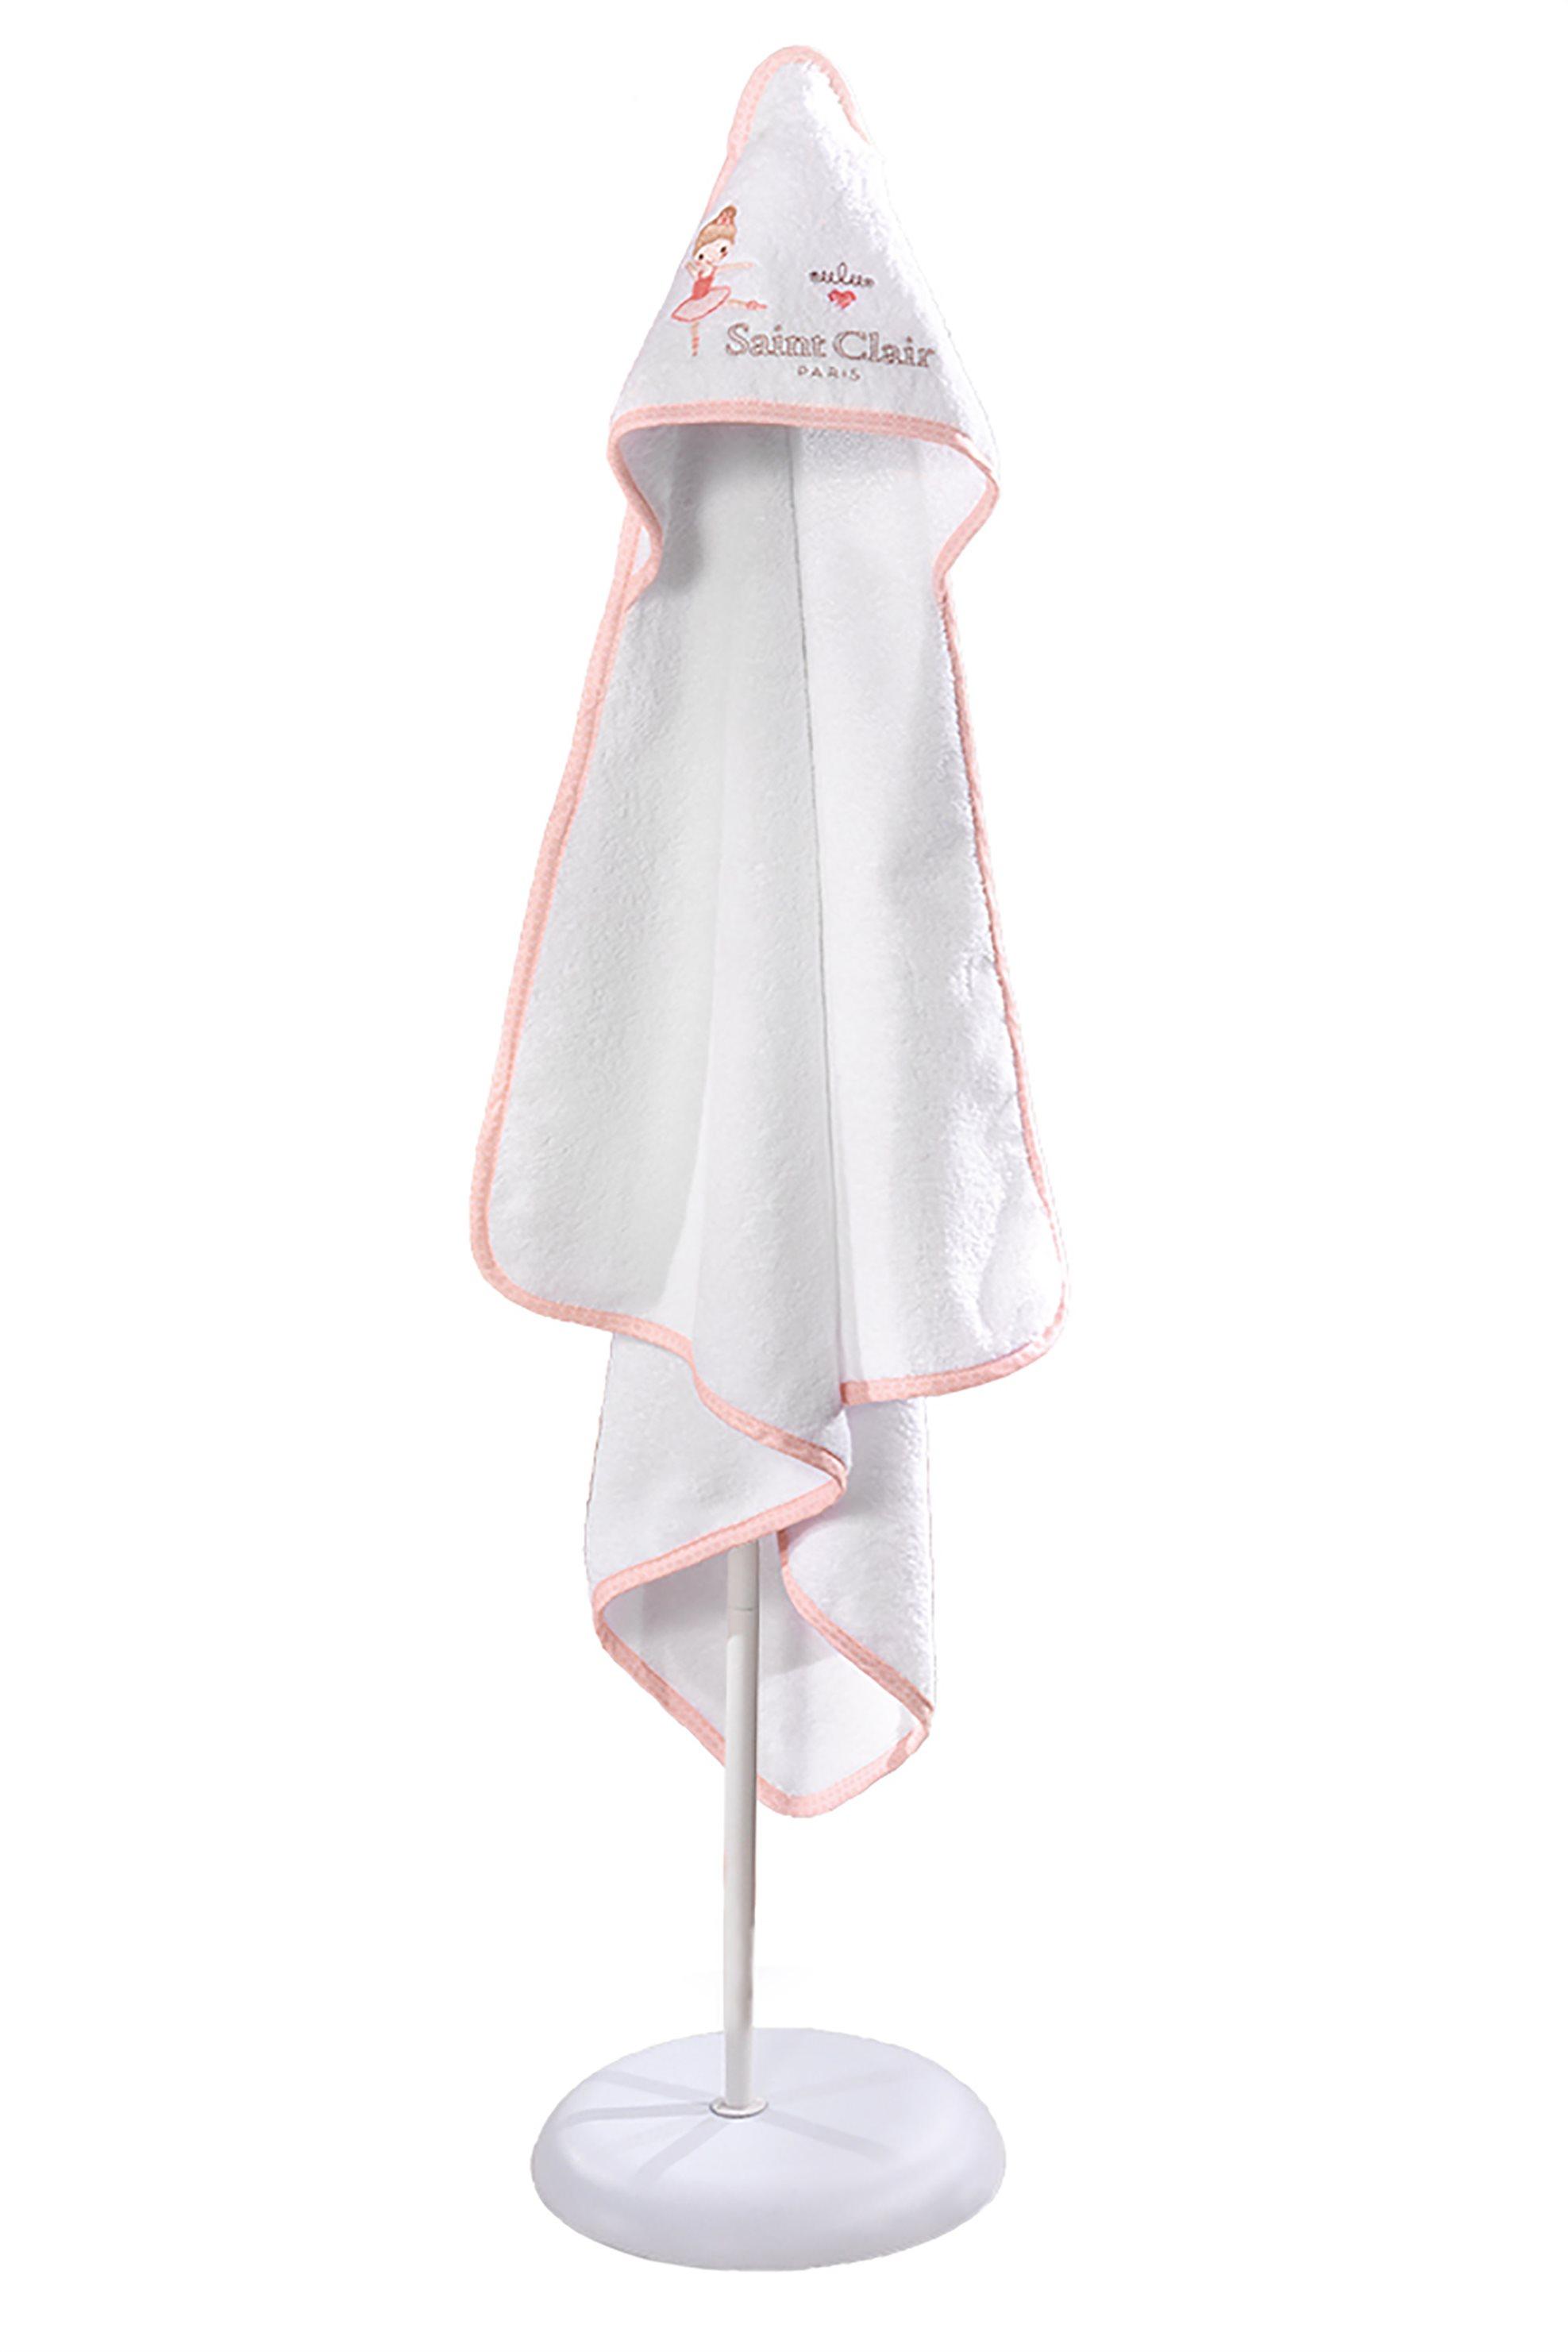 Saint Clair Paris βρεφική πετσέτα - κάπα Ballerina - 1731090215007 - Ροζ home   παιδια   πετσέτες